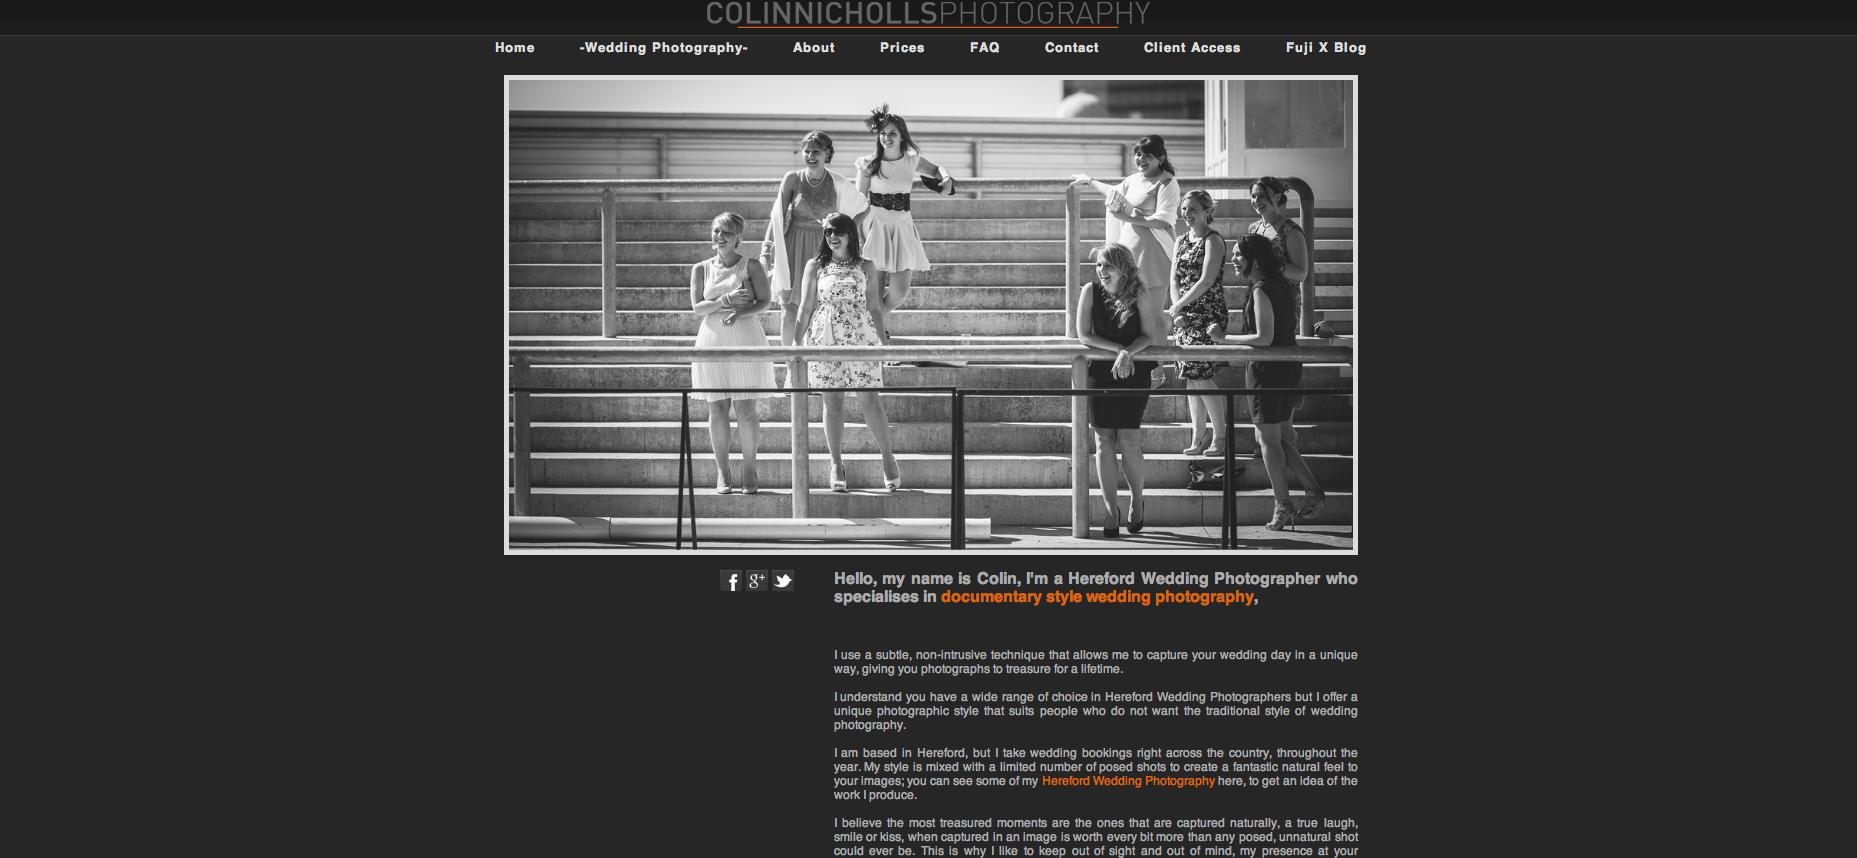 Zenfolio website, end of 2013.